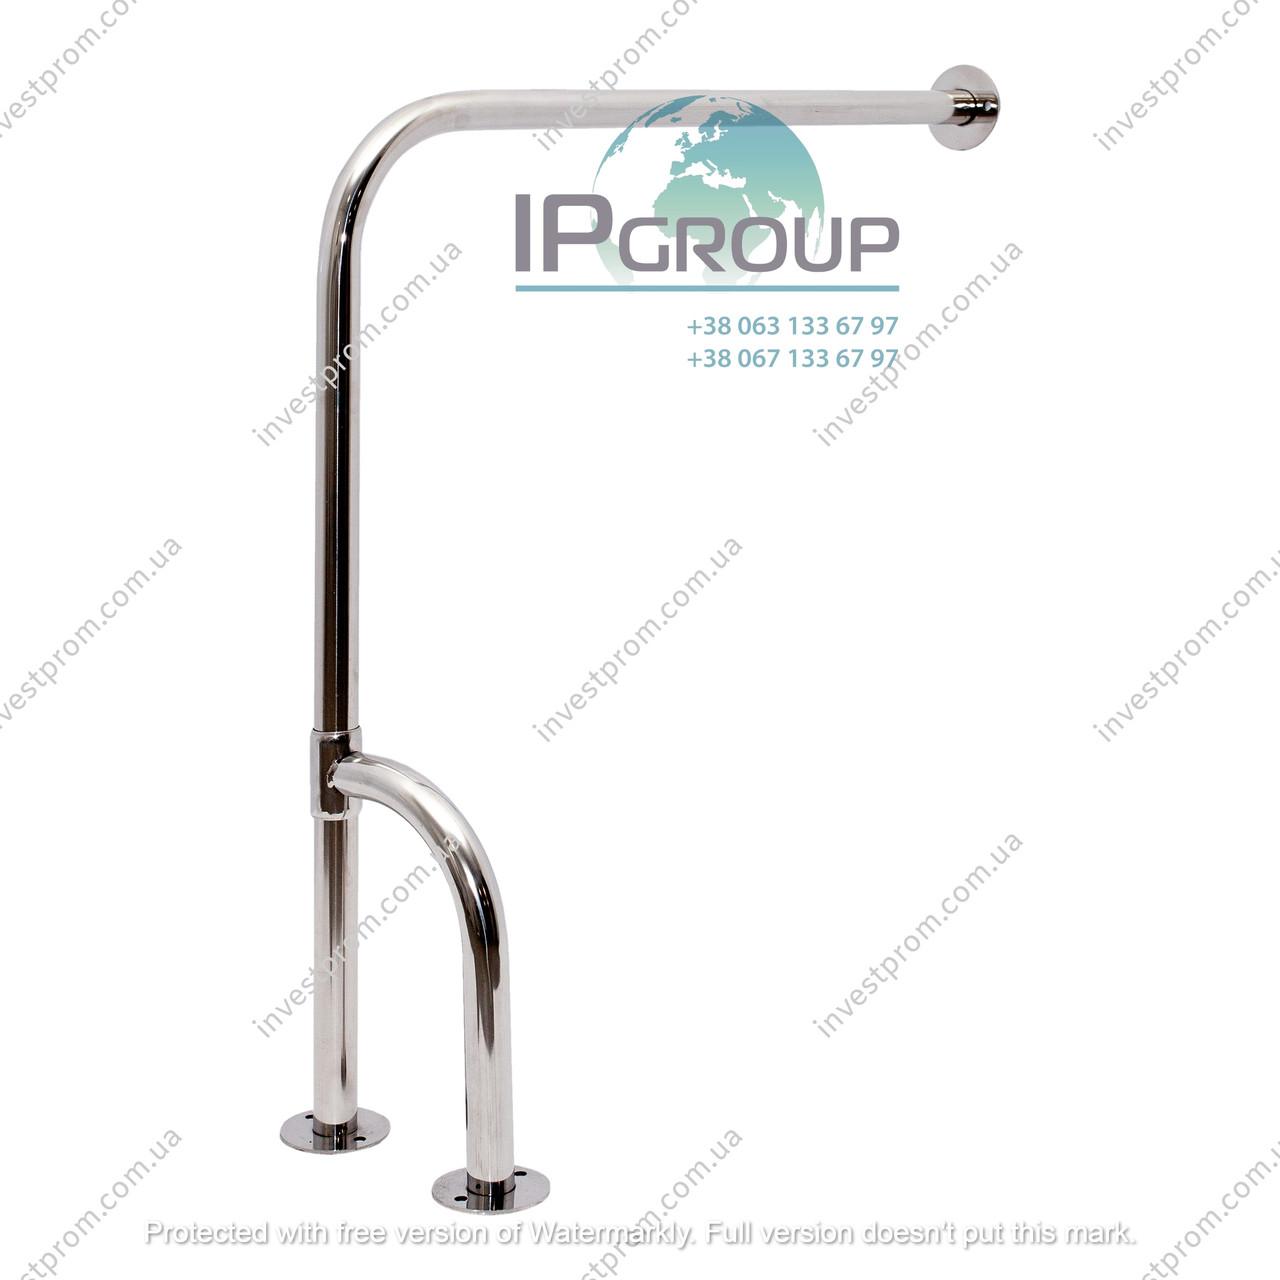 Поручни для туалета, для инвалидов угловой усиленный стена-пол,  ручка ∅32 мм, нержавеющая сталь.